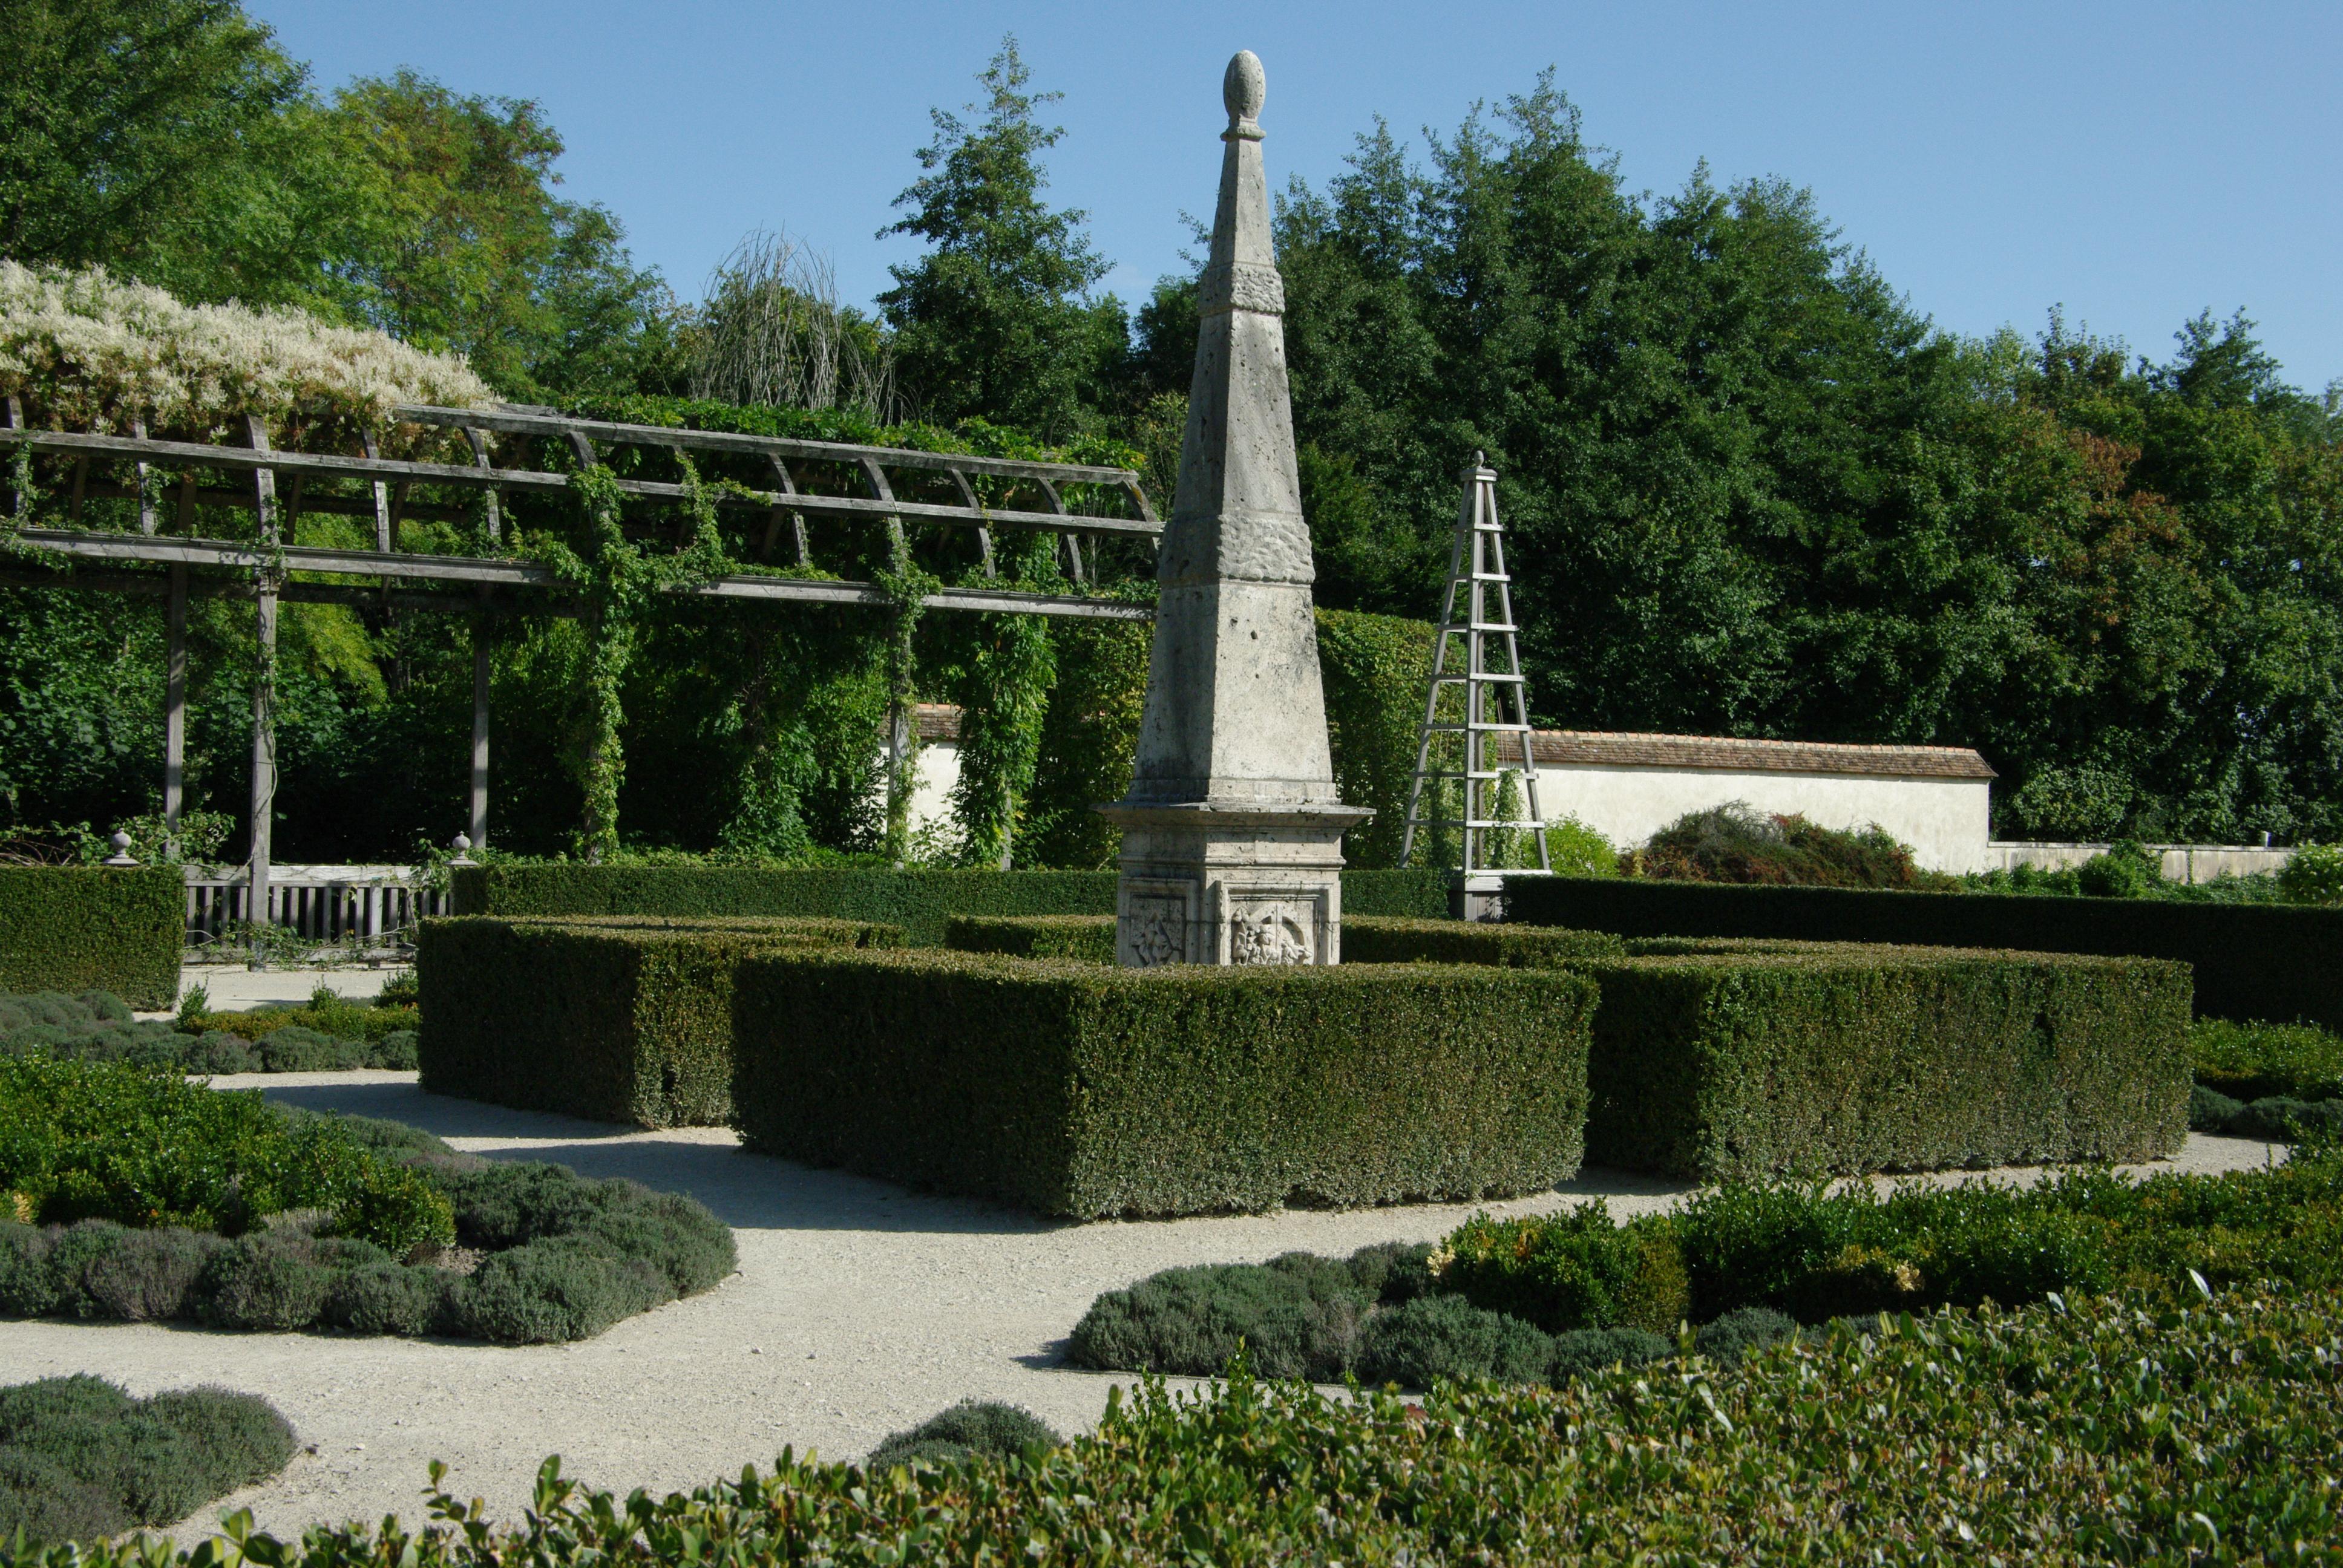 Tonnelles dans le parc du château de Chamerolles (Loiret) - © D. Lejeune